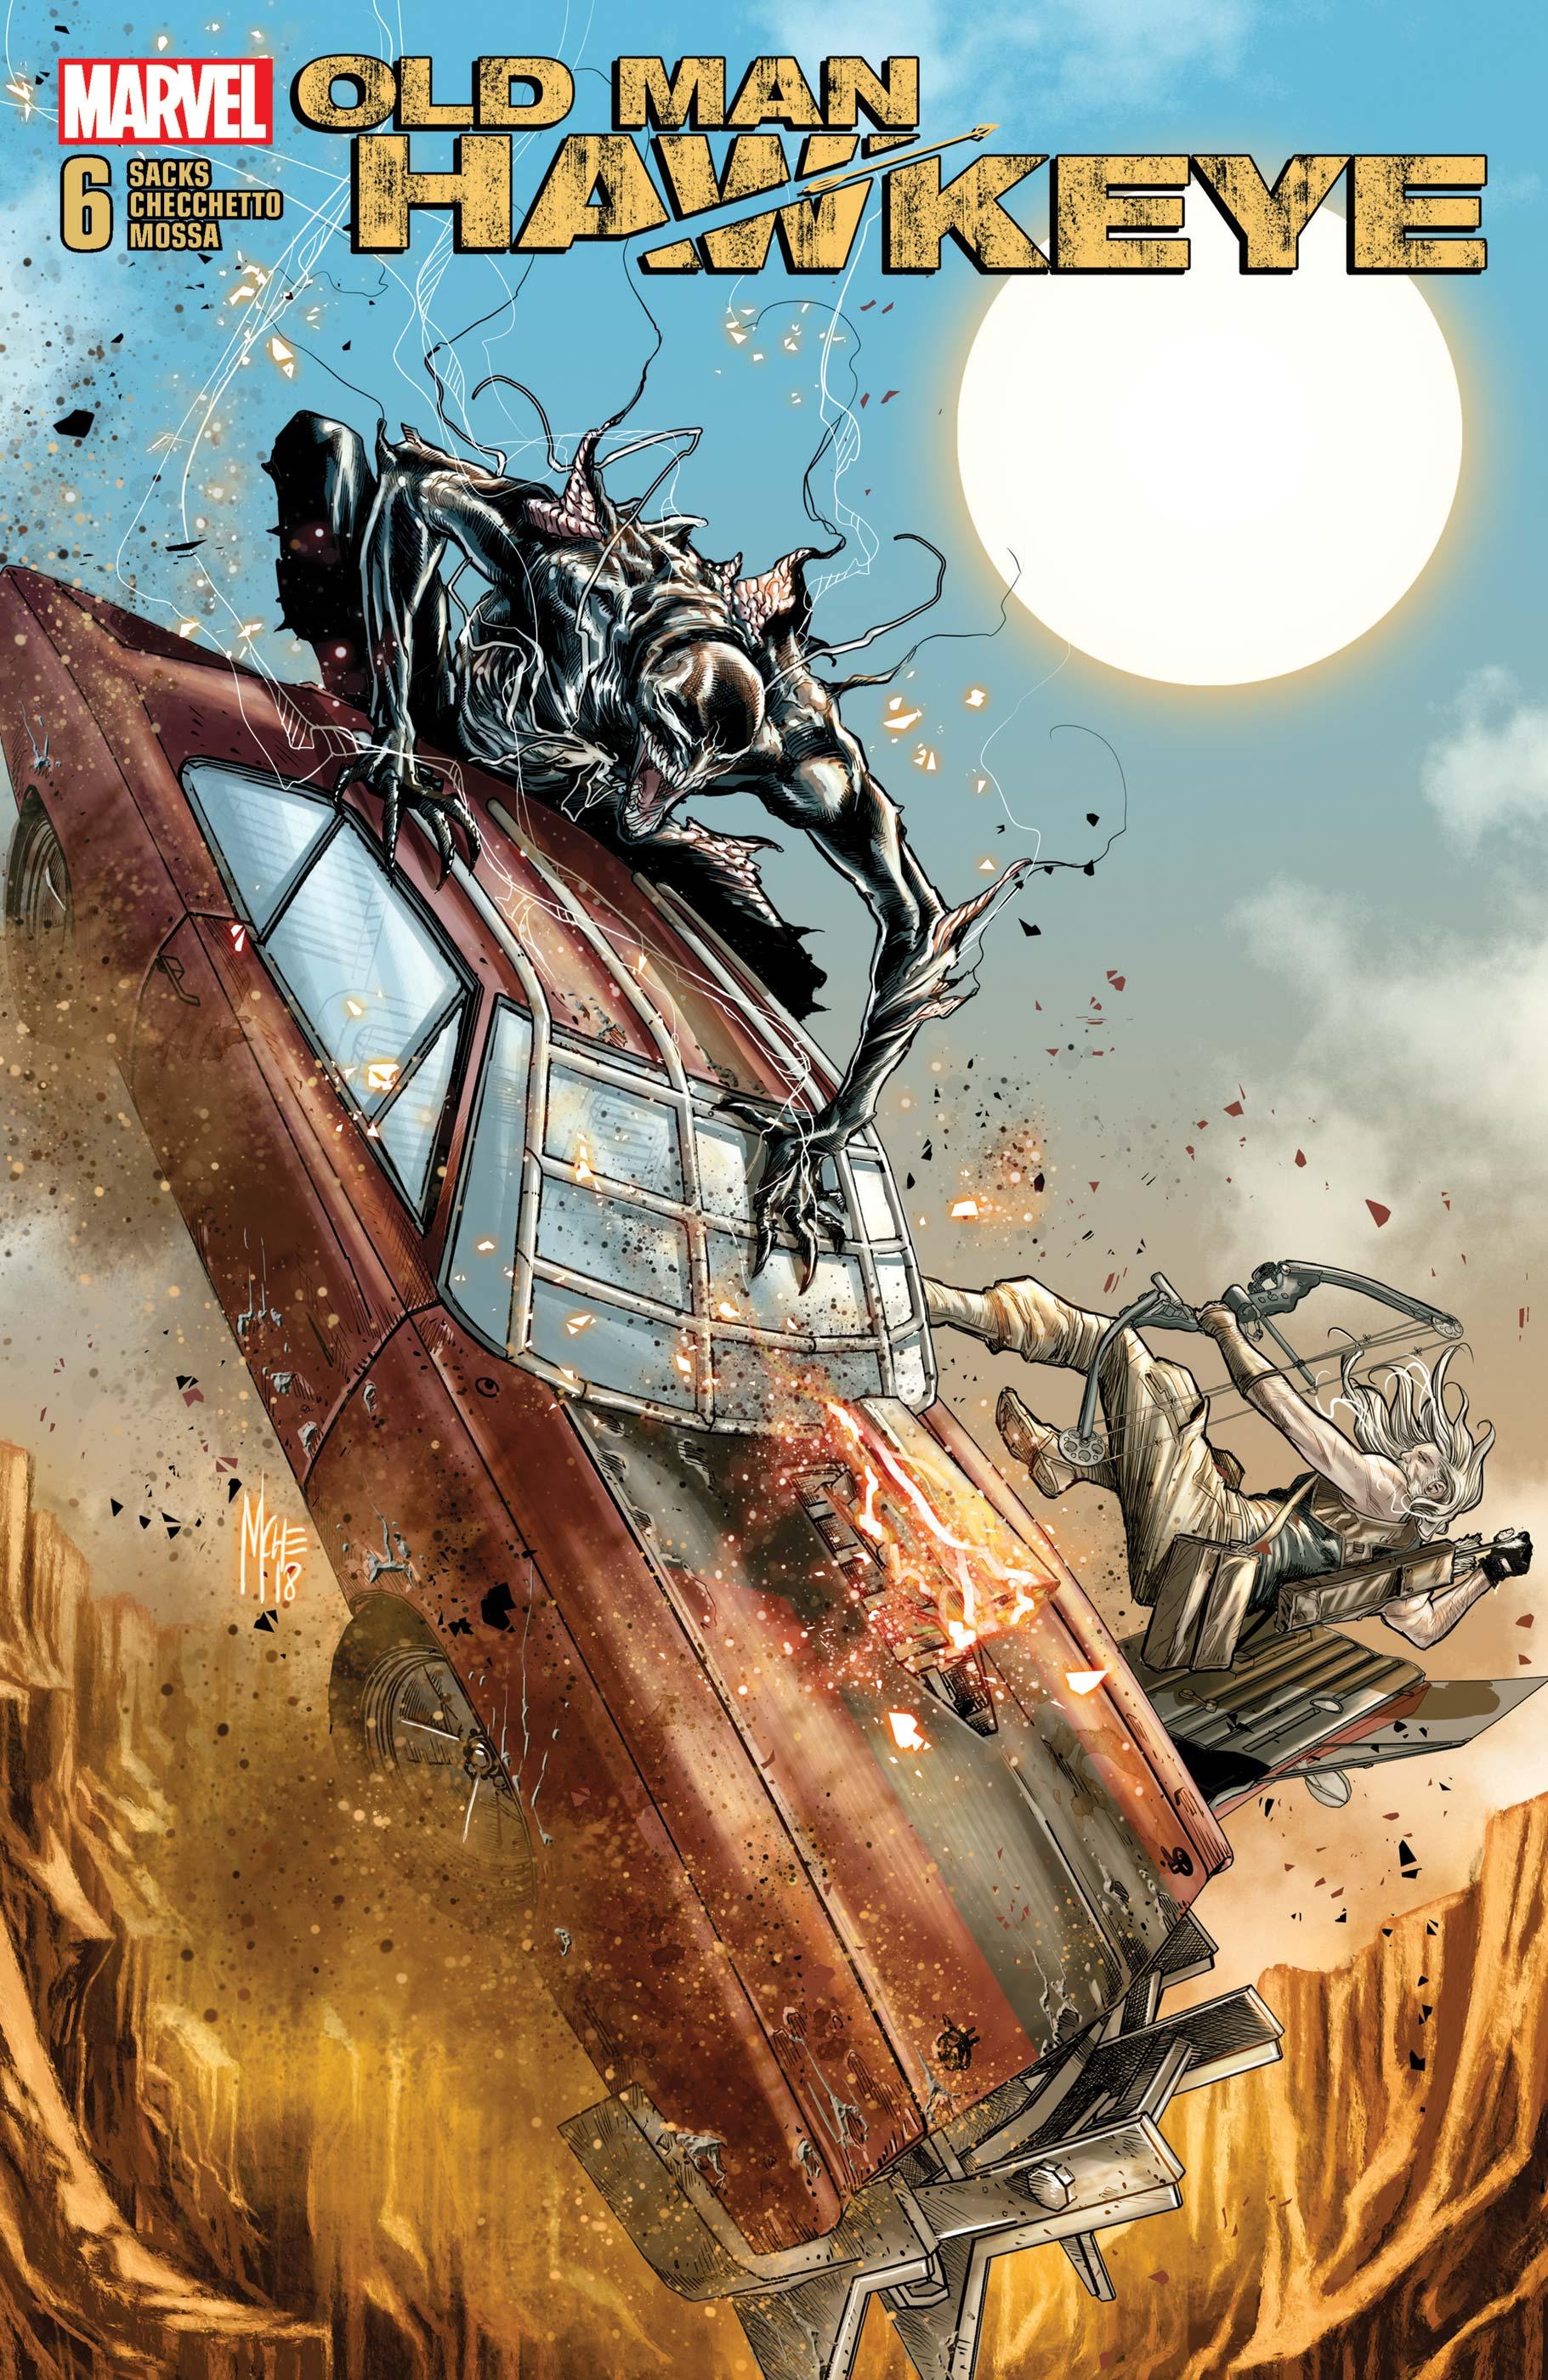 Old Man Hawkeye (2018) #6